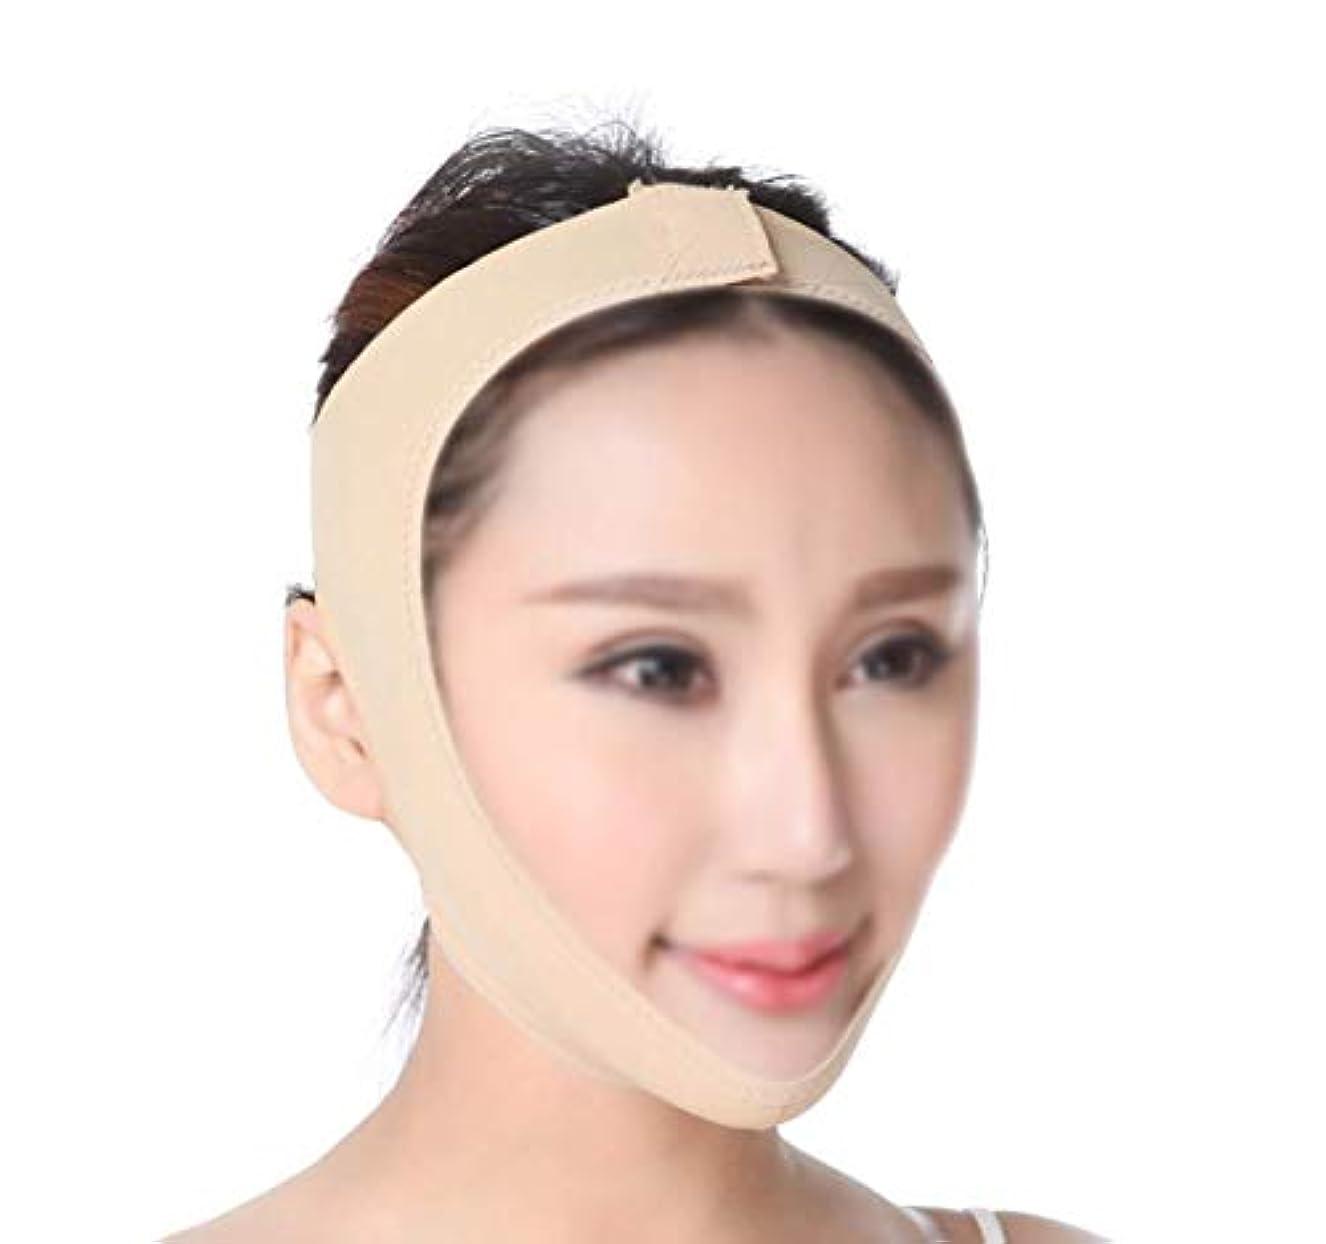 マーキング謝罪無能フェイスリフティング包帯、フェイシャル減量アンチシワケアフェイスリフトで肌を引き締め、二重あごを効果的に改善し、V字型の顔になります(サイズ:S),Xl